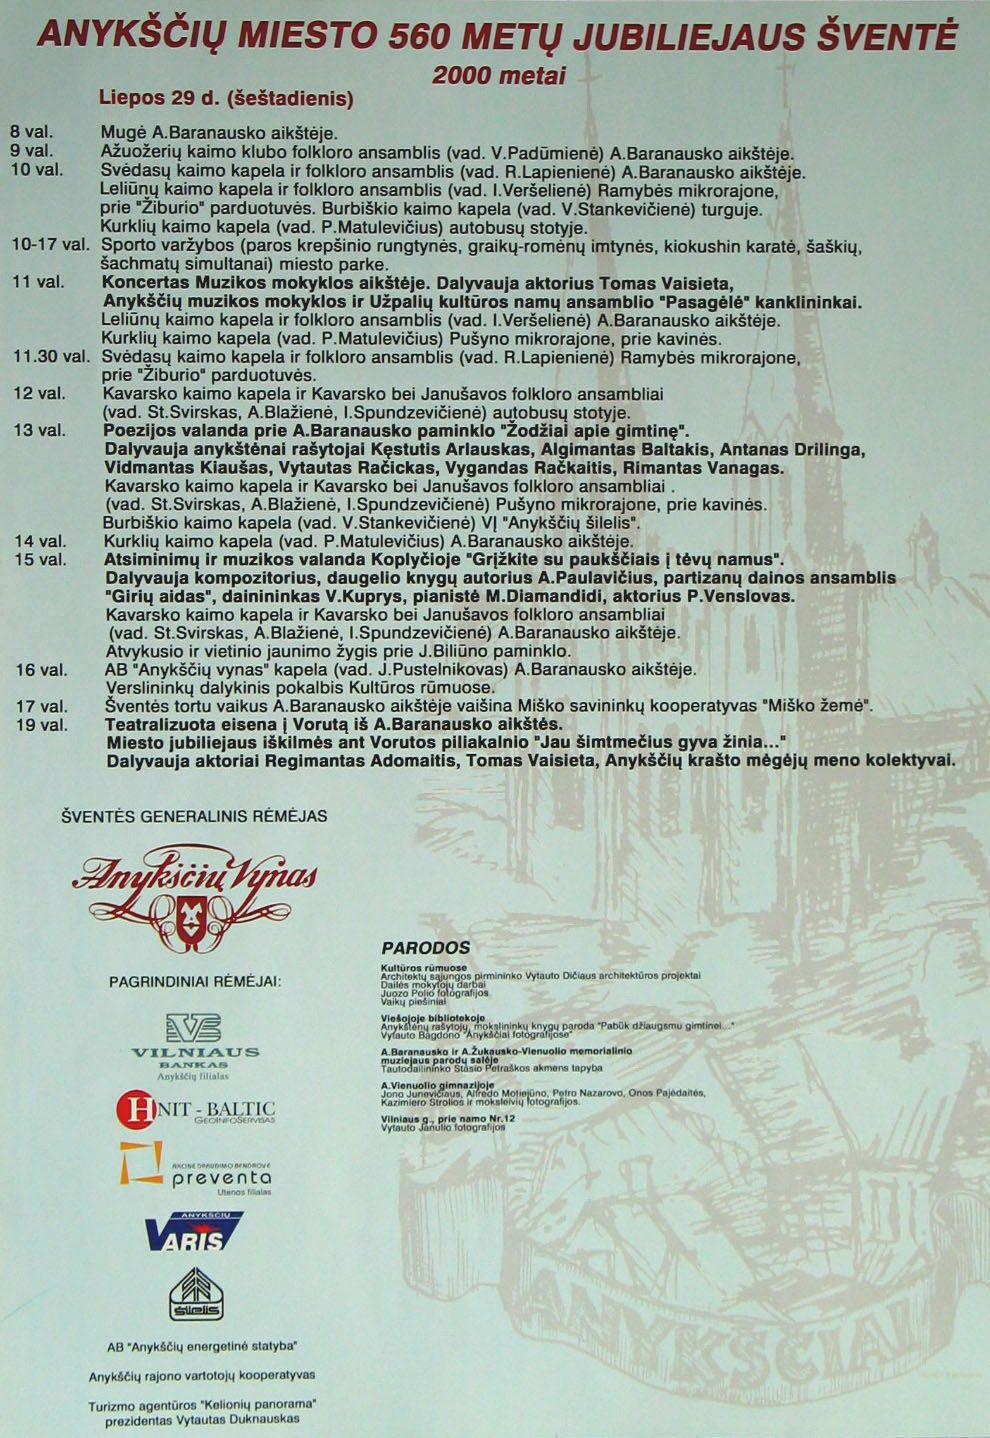 Anykščių miesto šventė (2000) - Anykščių miesto 560 metų jubiliejaus šventė